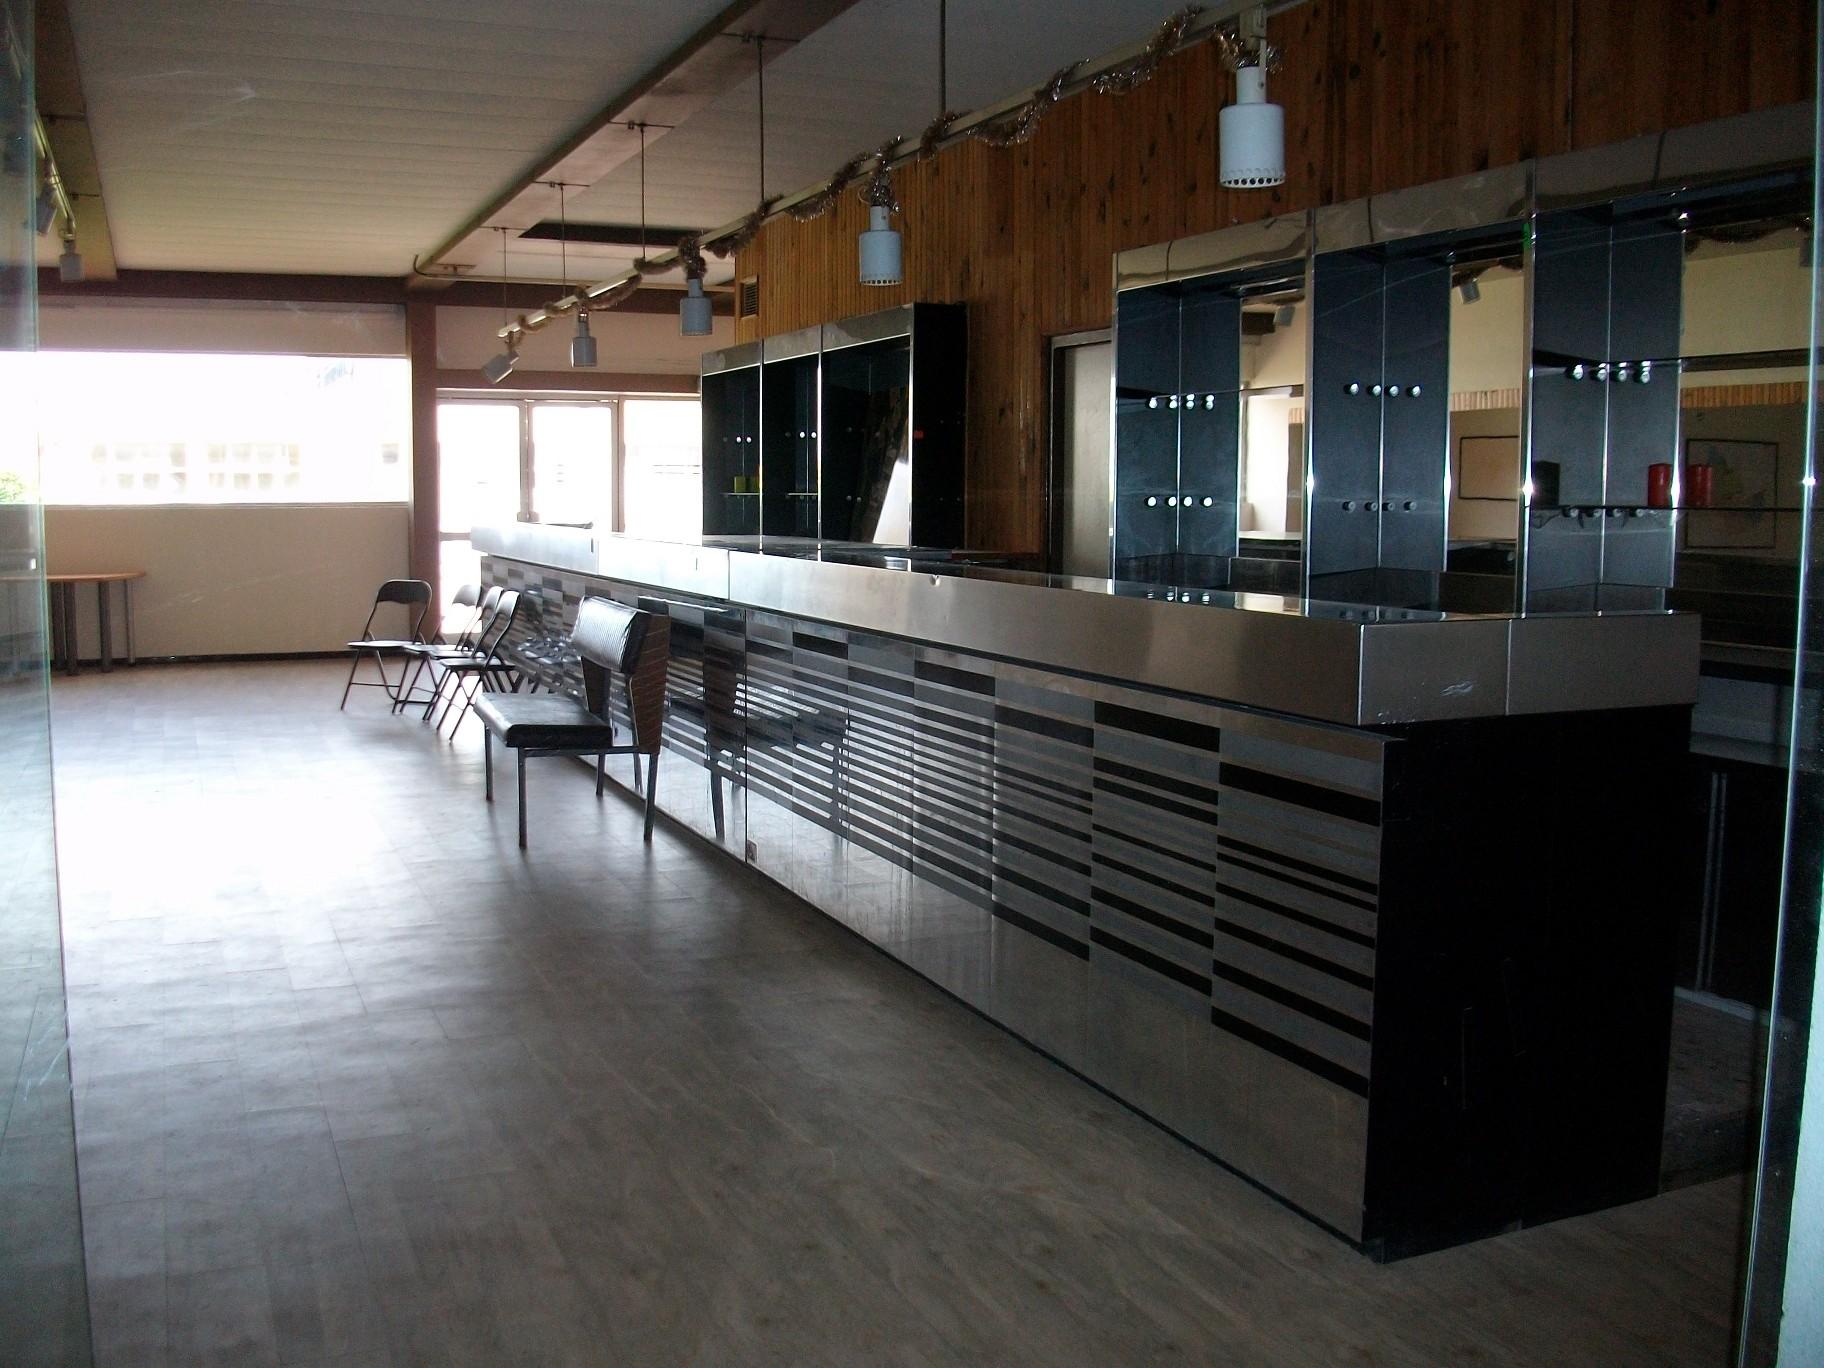 locaux d 39 activit s a louer paris villaroche. Black Bedroom Furniture Sets. Home Design Ideas